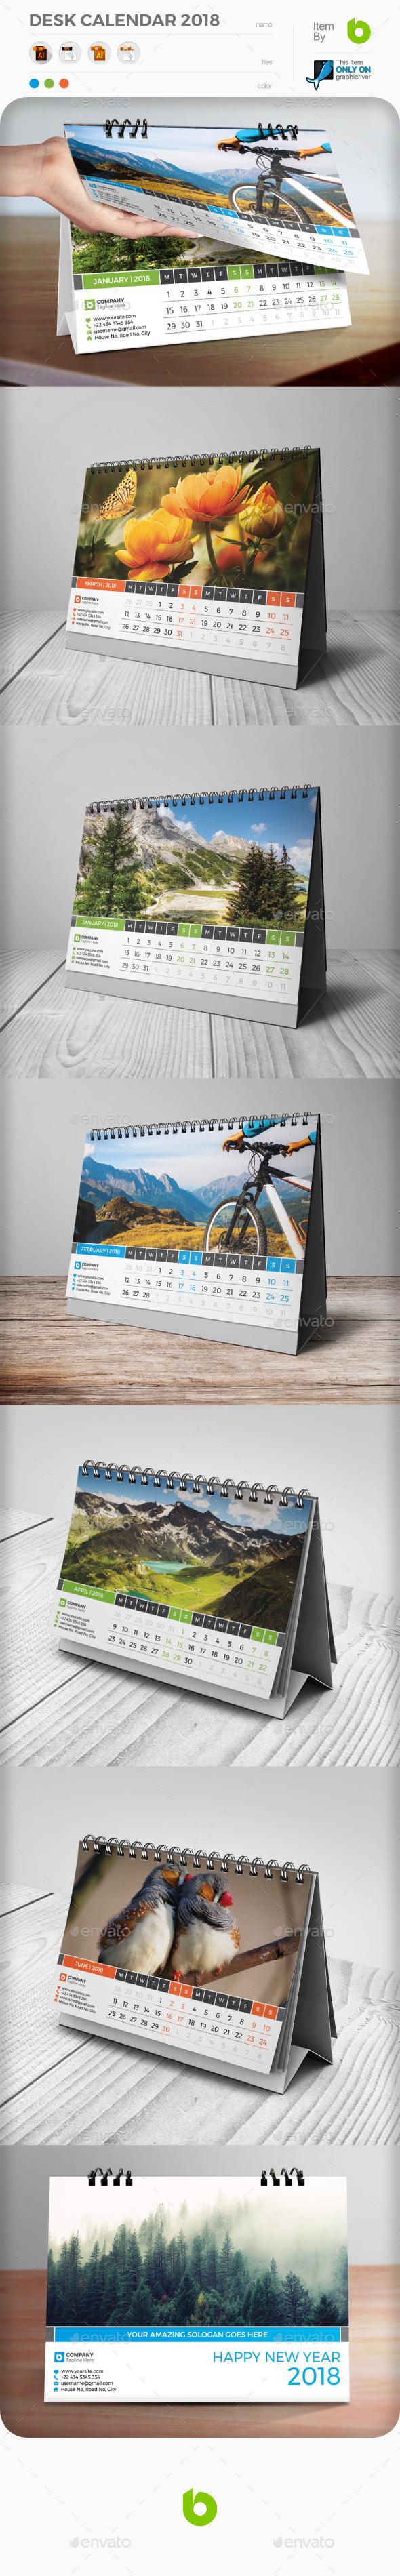 GraphicRiver Desk Calendar 2018 20710271